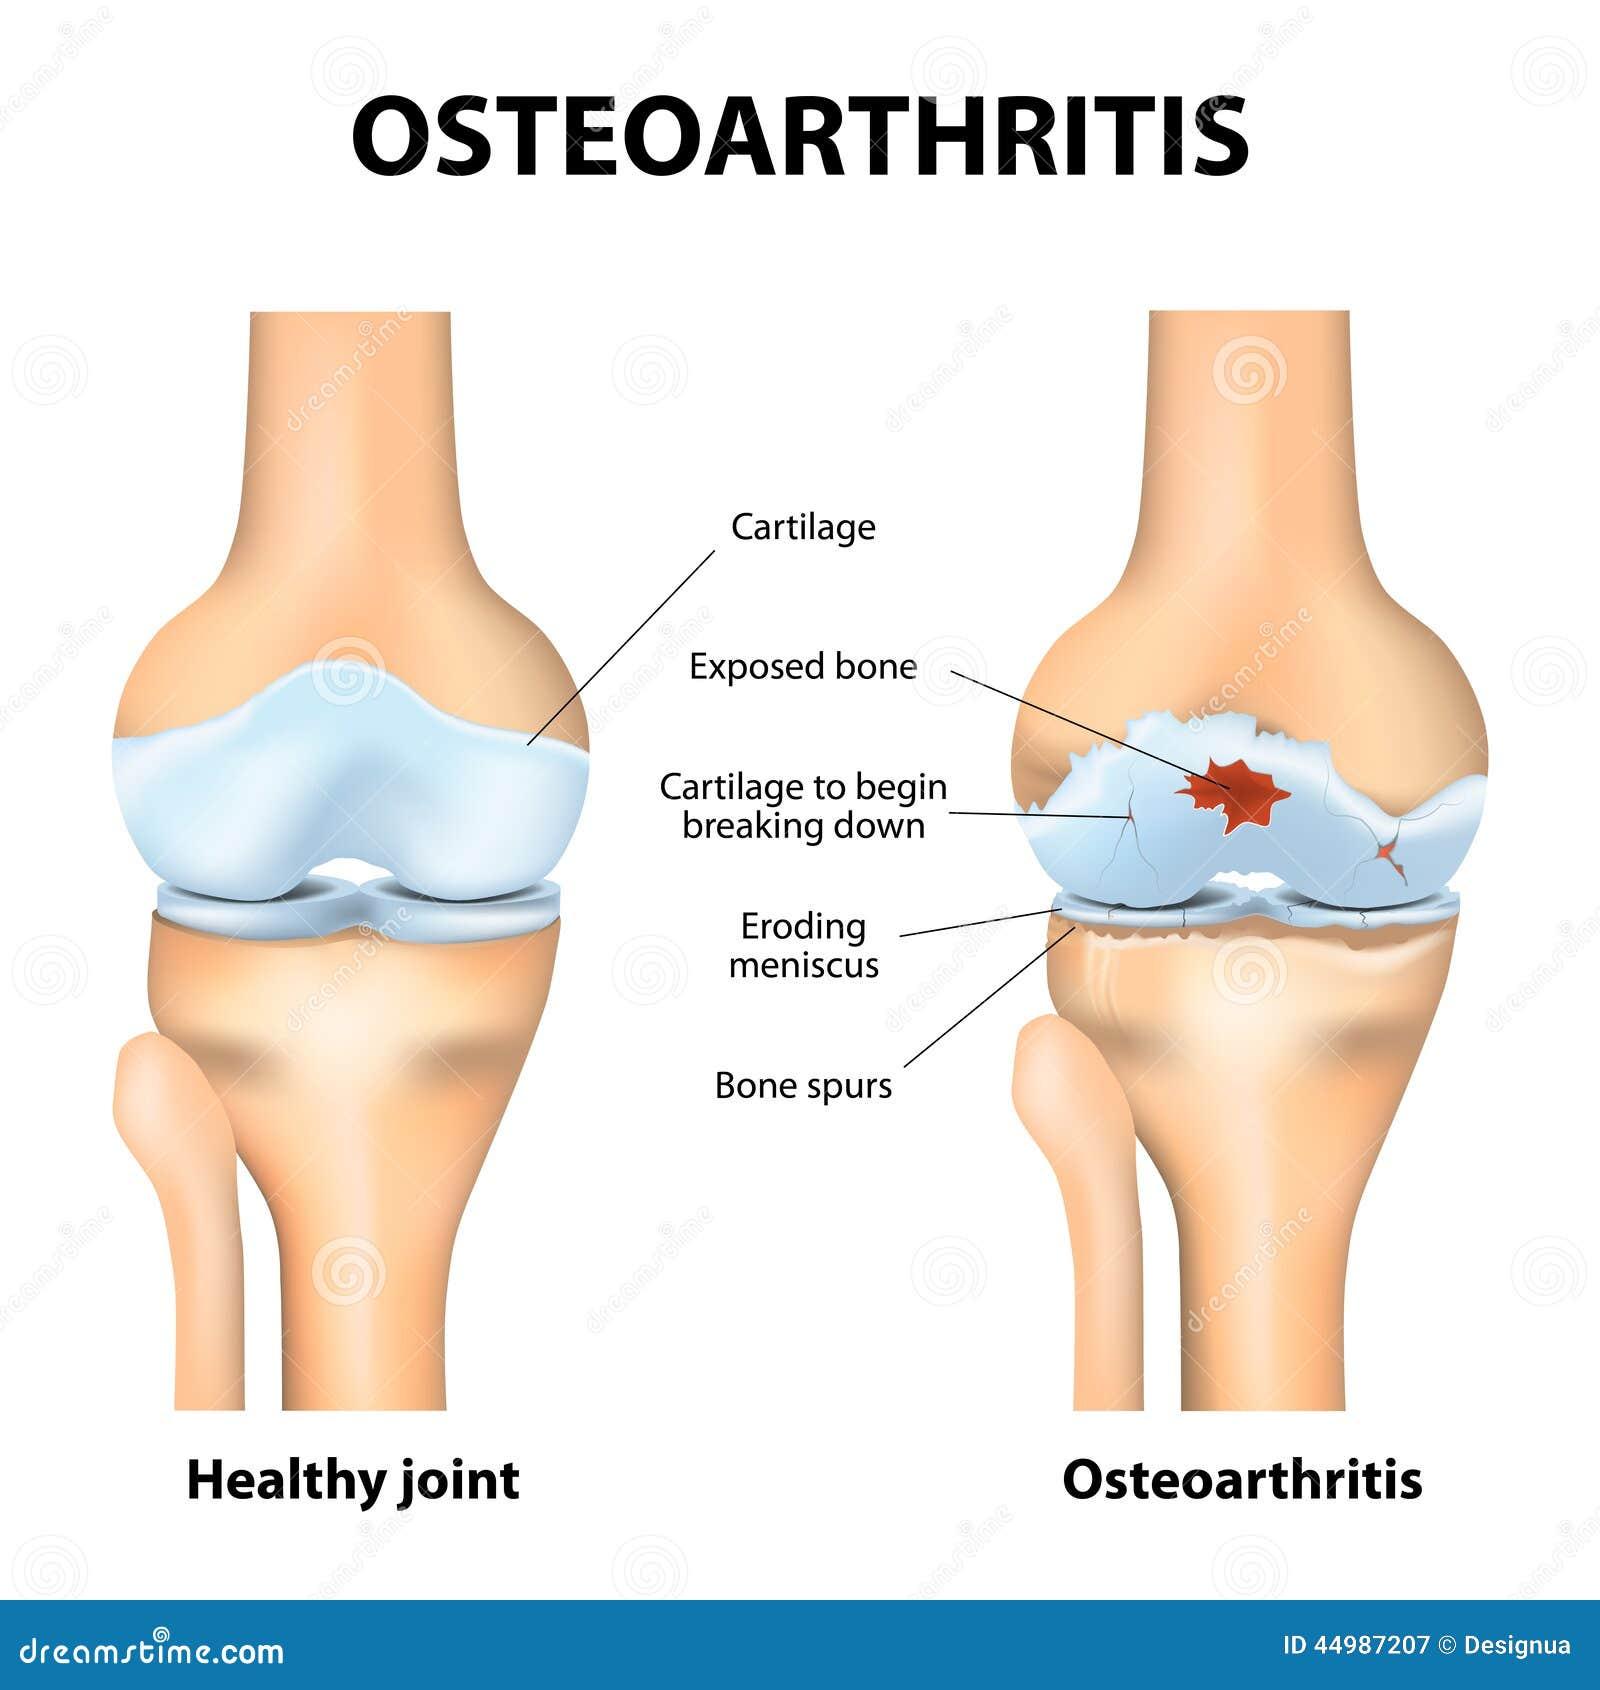 Οστεοαρθρίτιδα ή αρθρίτιδα